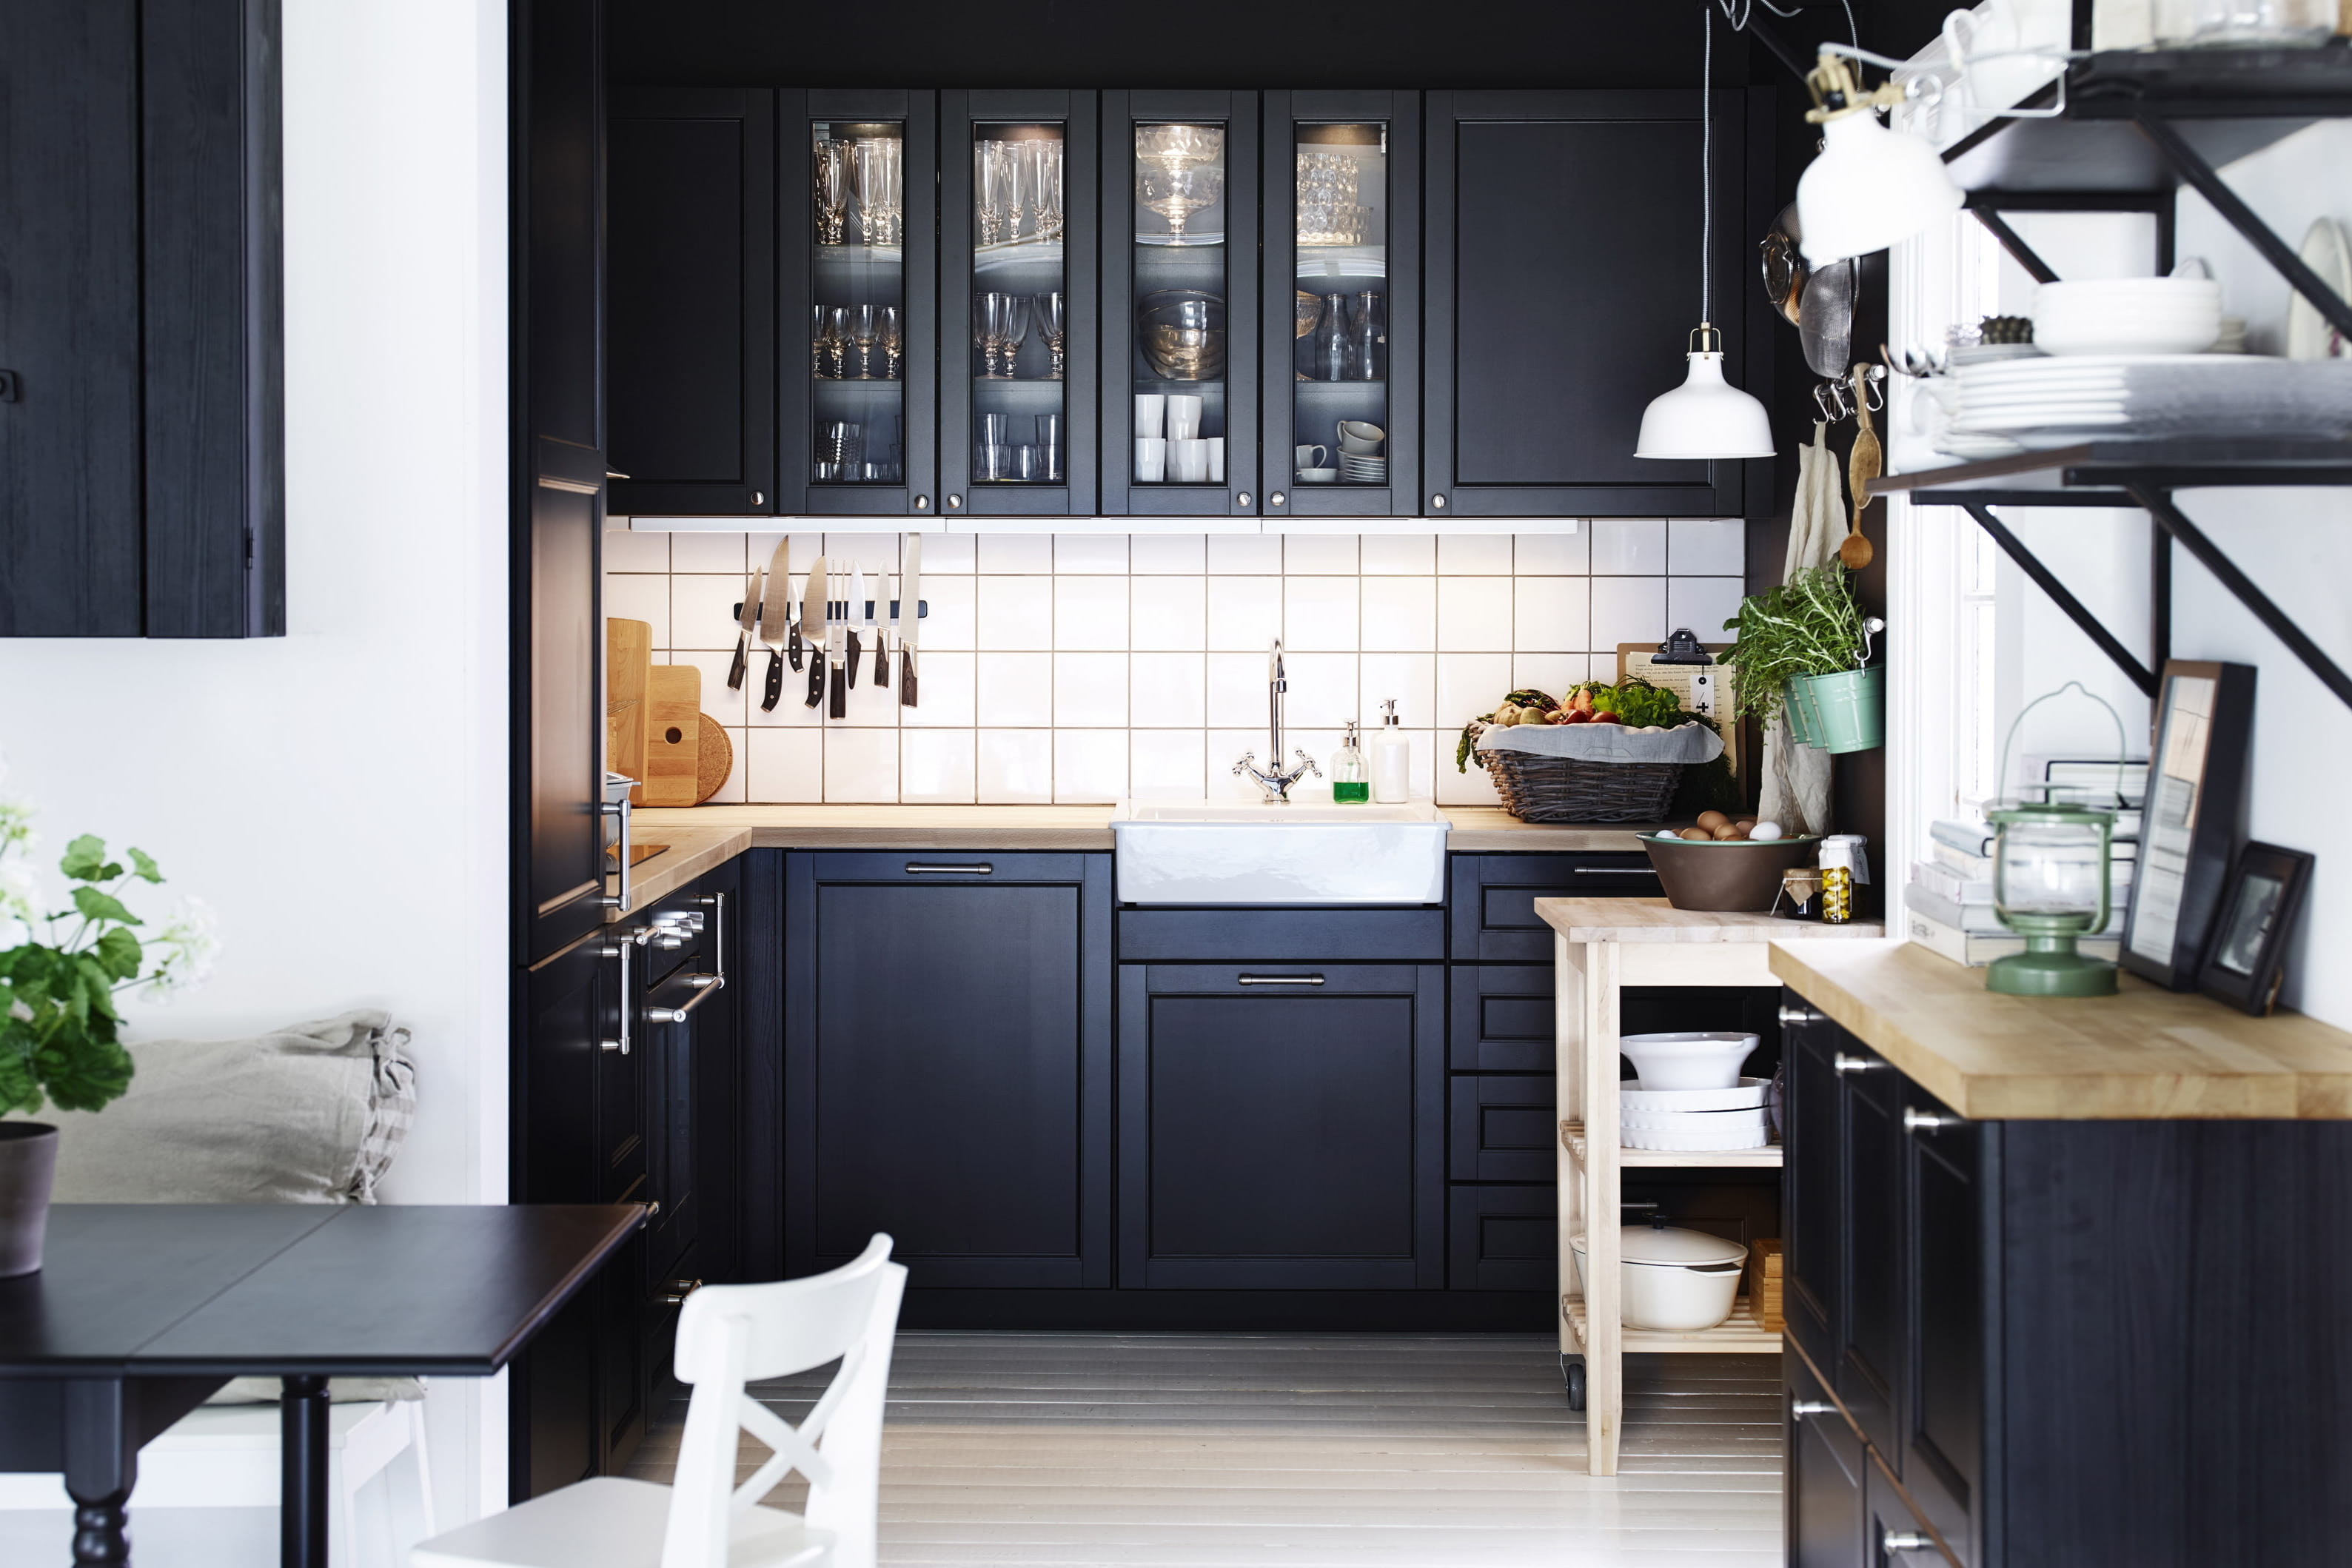 Les cl s pour acheter une cuisine ikea journal des femmes - Cuisine amenage ikea ...